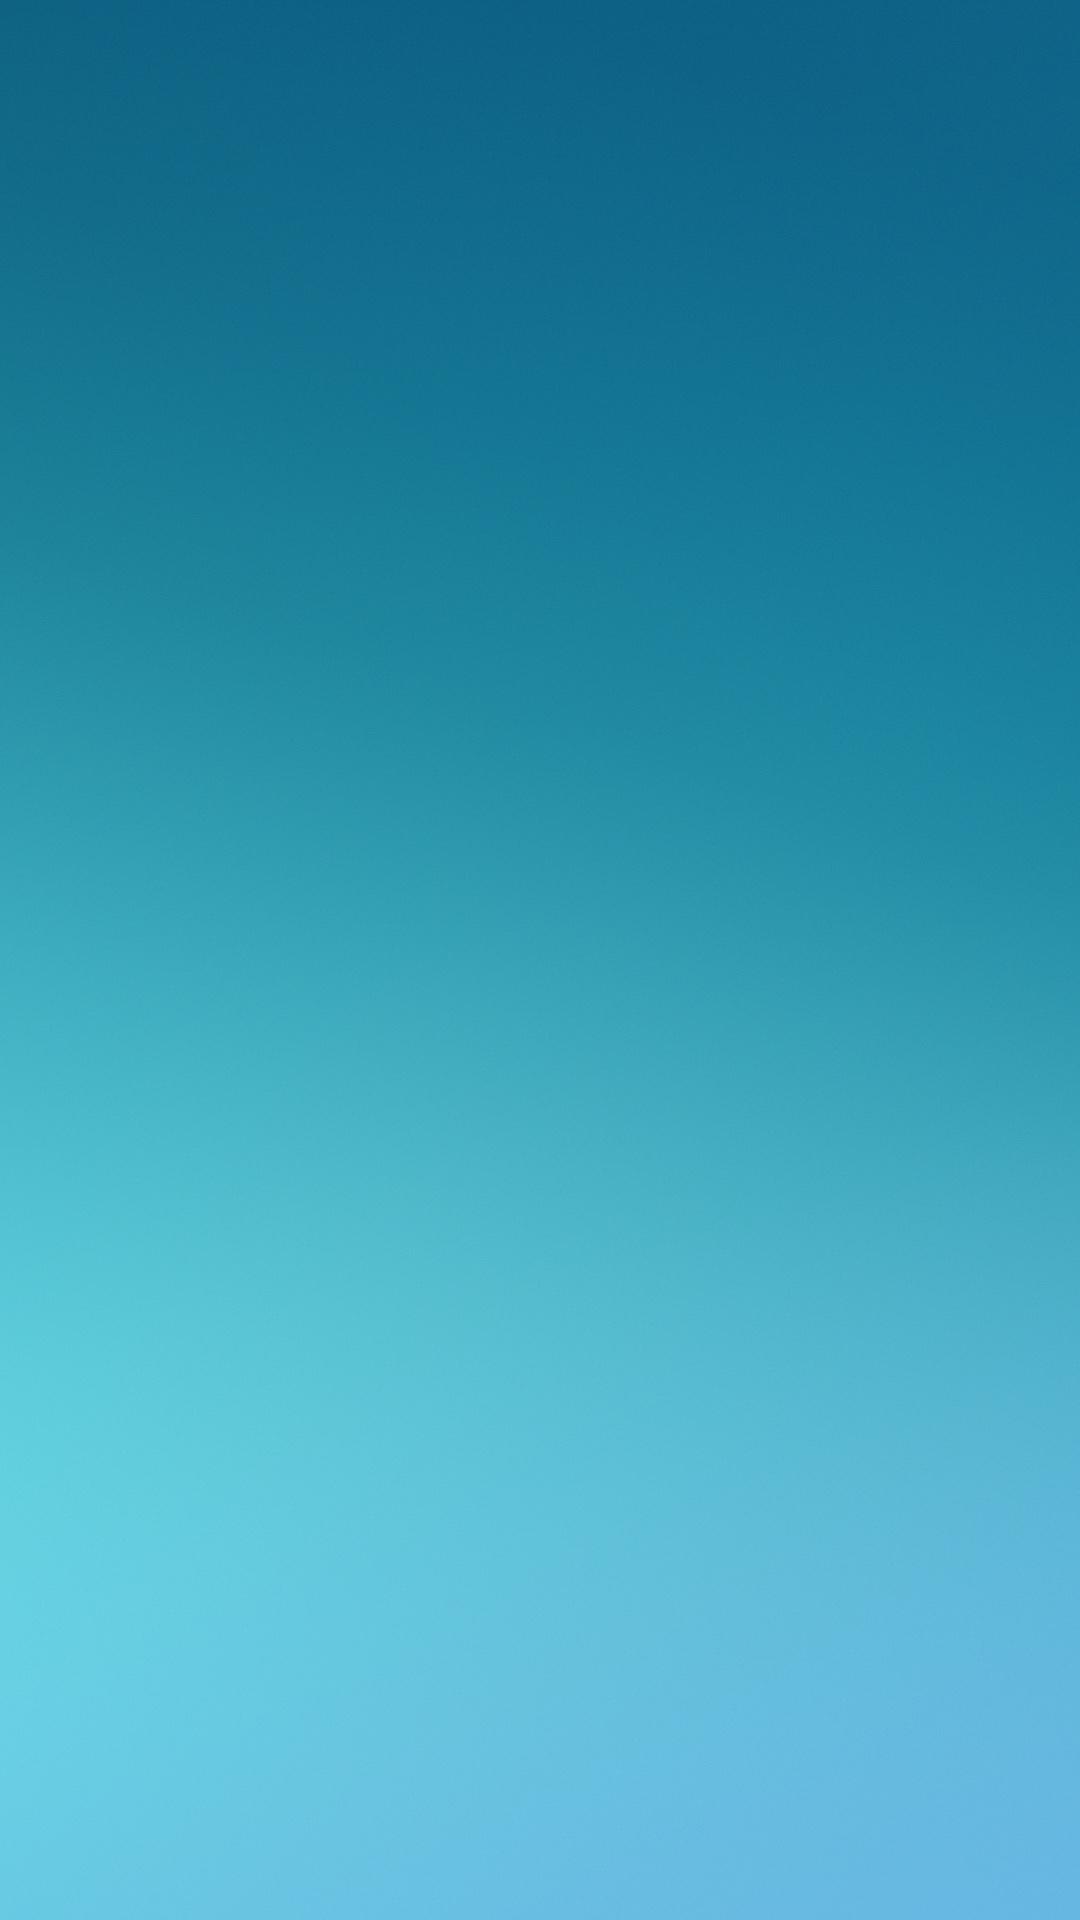 Wallpaper Xiaomi Redmi 5a Keren